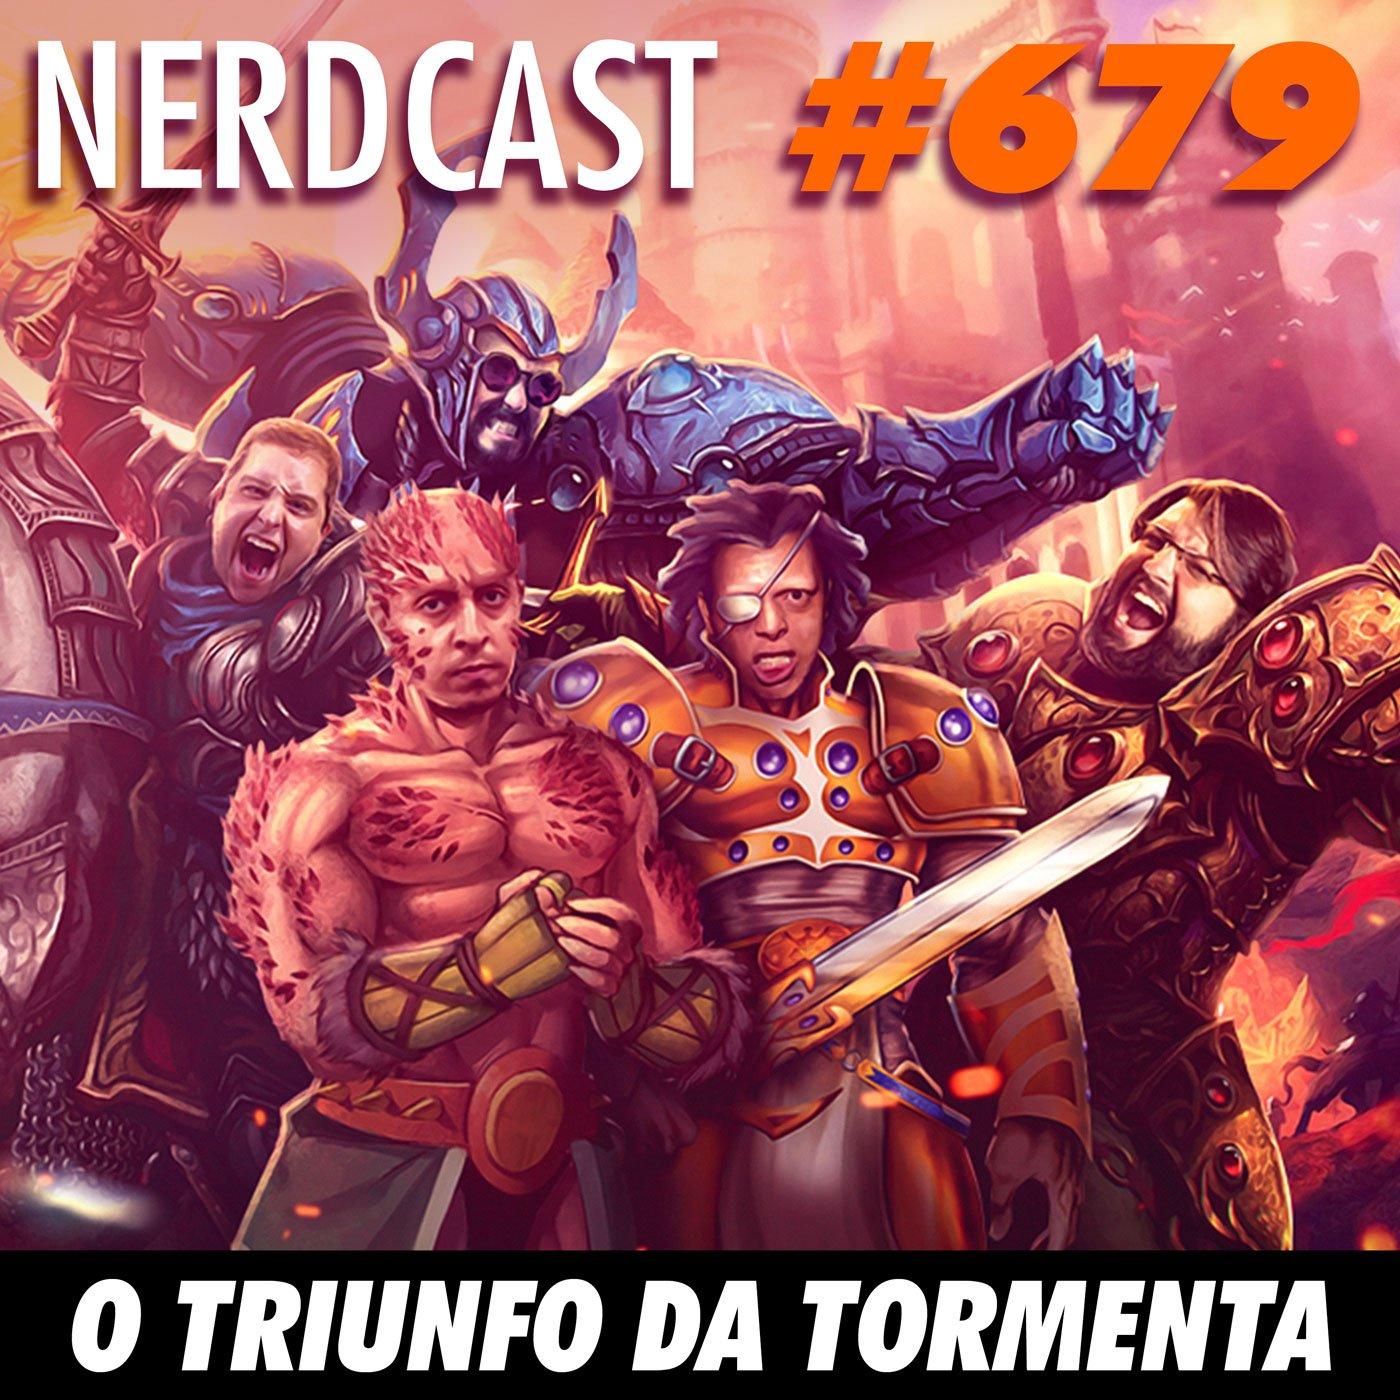 NerdCast 679 - O Triunfo da Tormenta